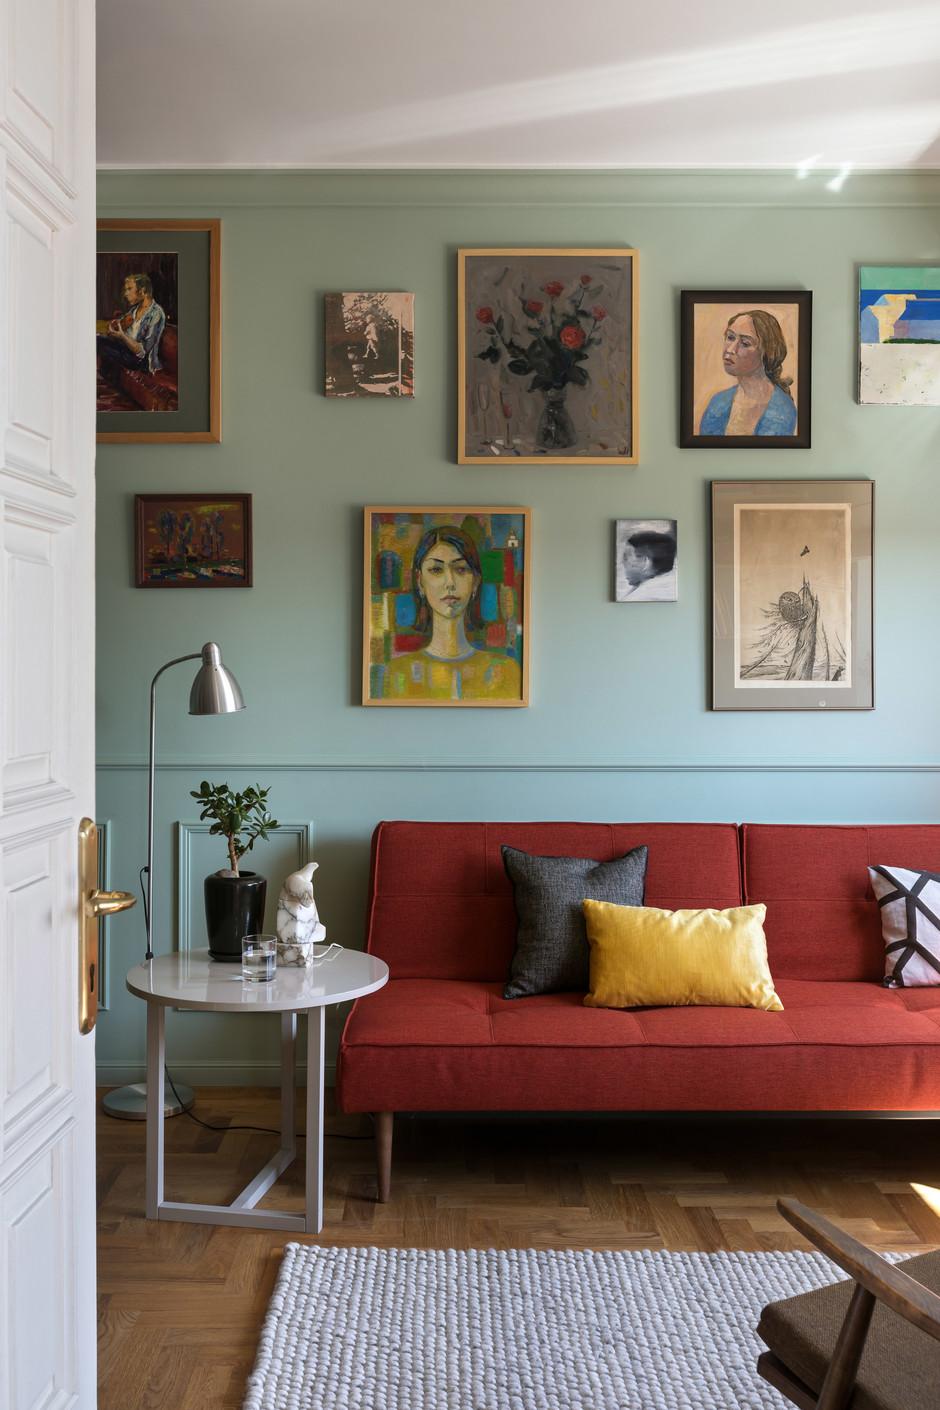 Картины в интерьере: 15 решений (галерея 0, фото 1)